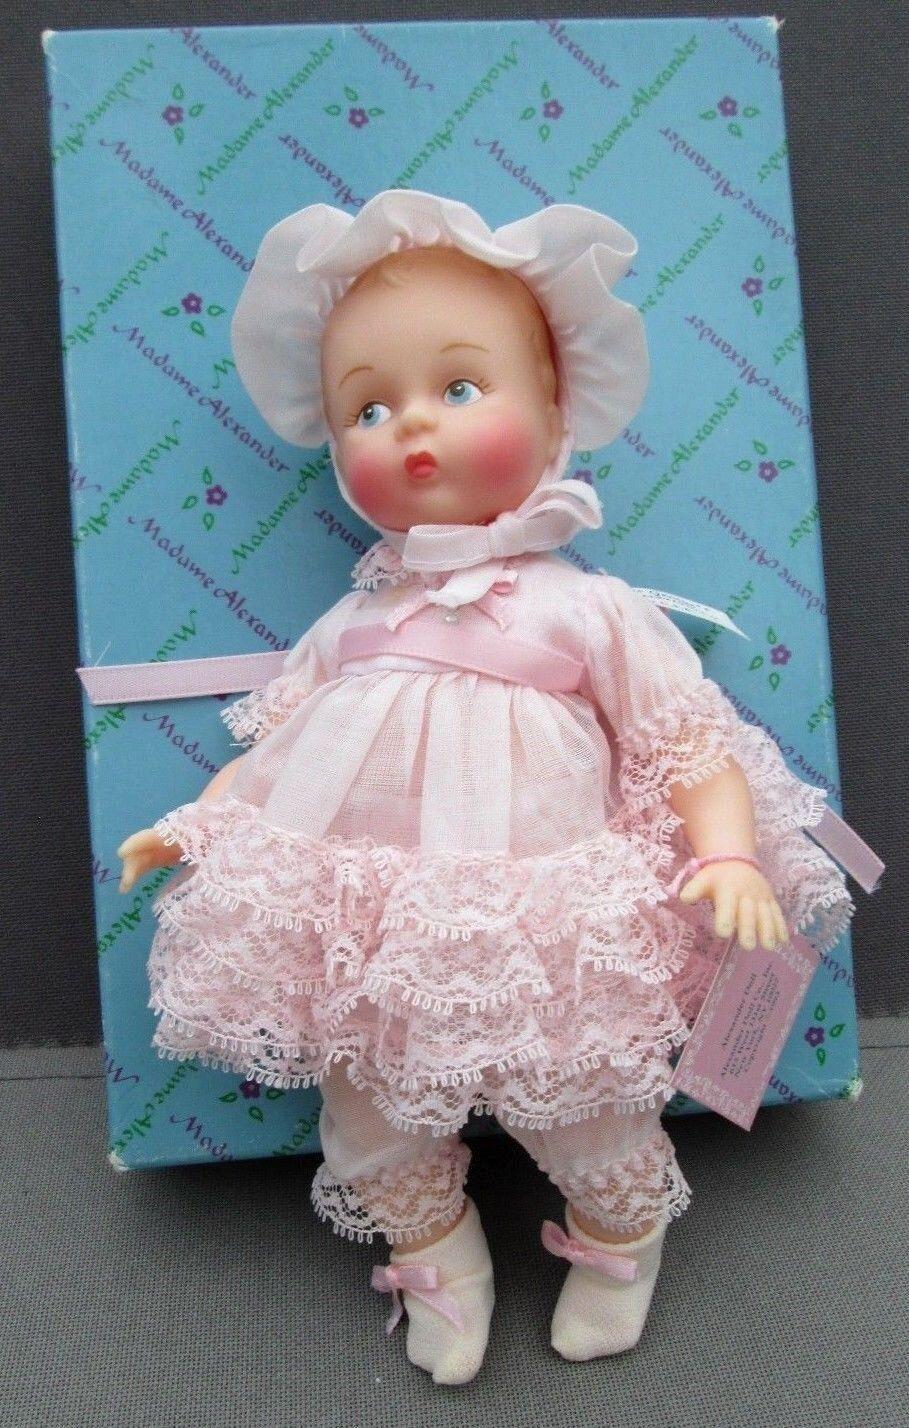 Nuevo EN CAJA MADAME ALEXANDER  Original  Little Miss Genius   tarjeta  Completo + Como Nuevo  701  hangtag